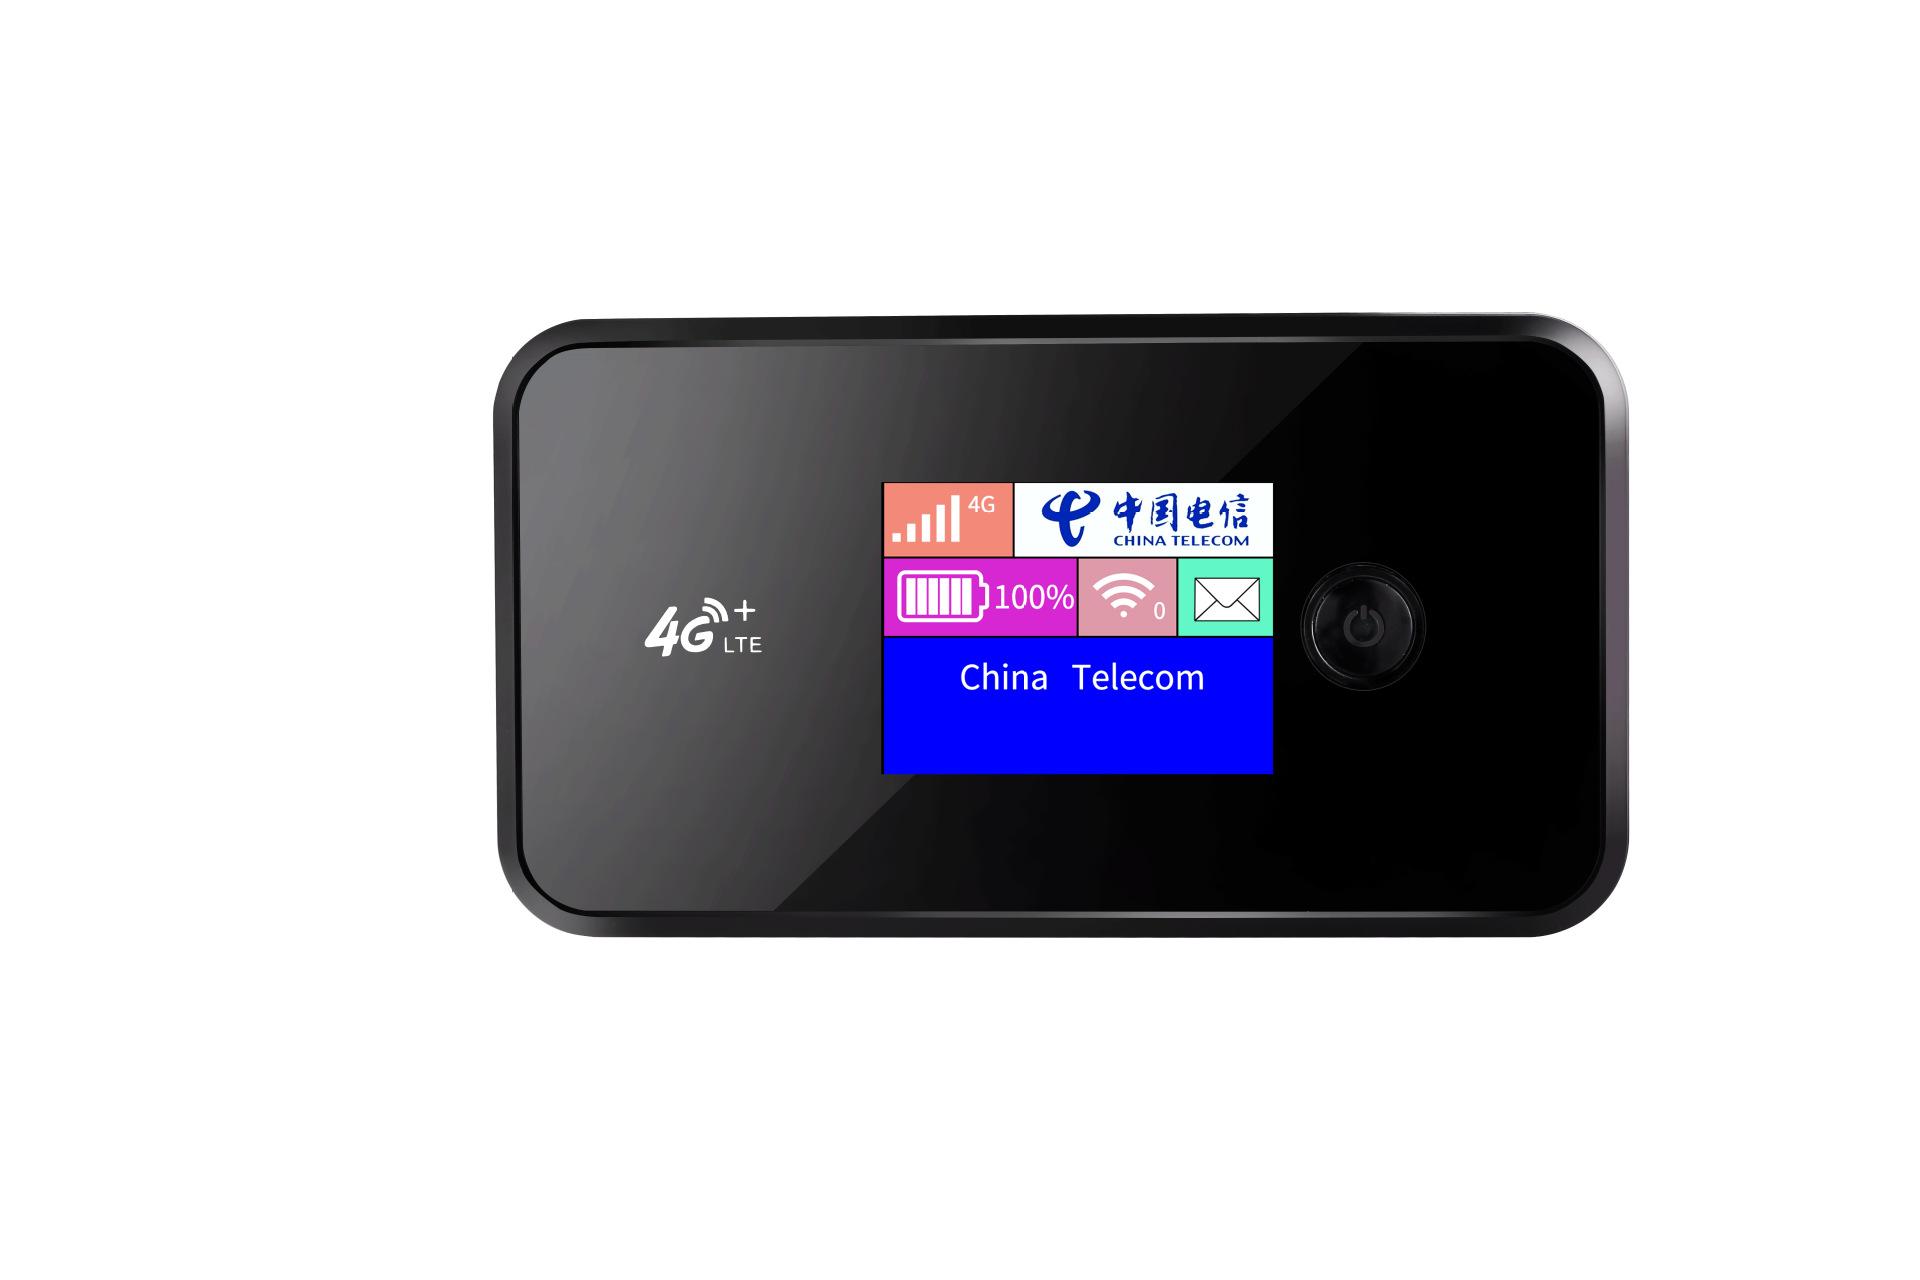 Bộ định tuyến wifi không dây 4G đầy đủ Netcom